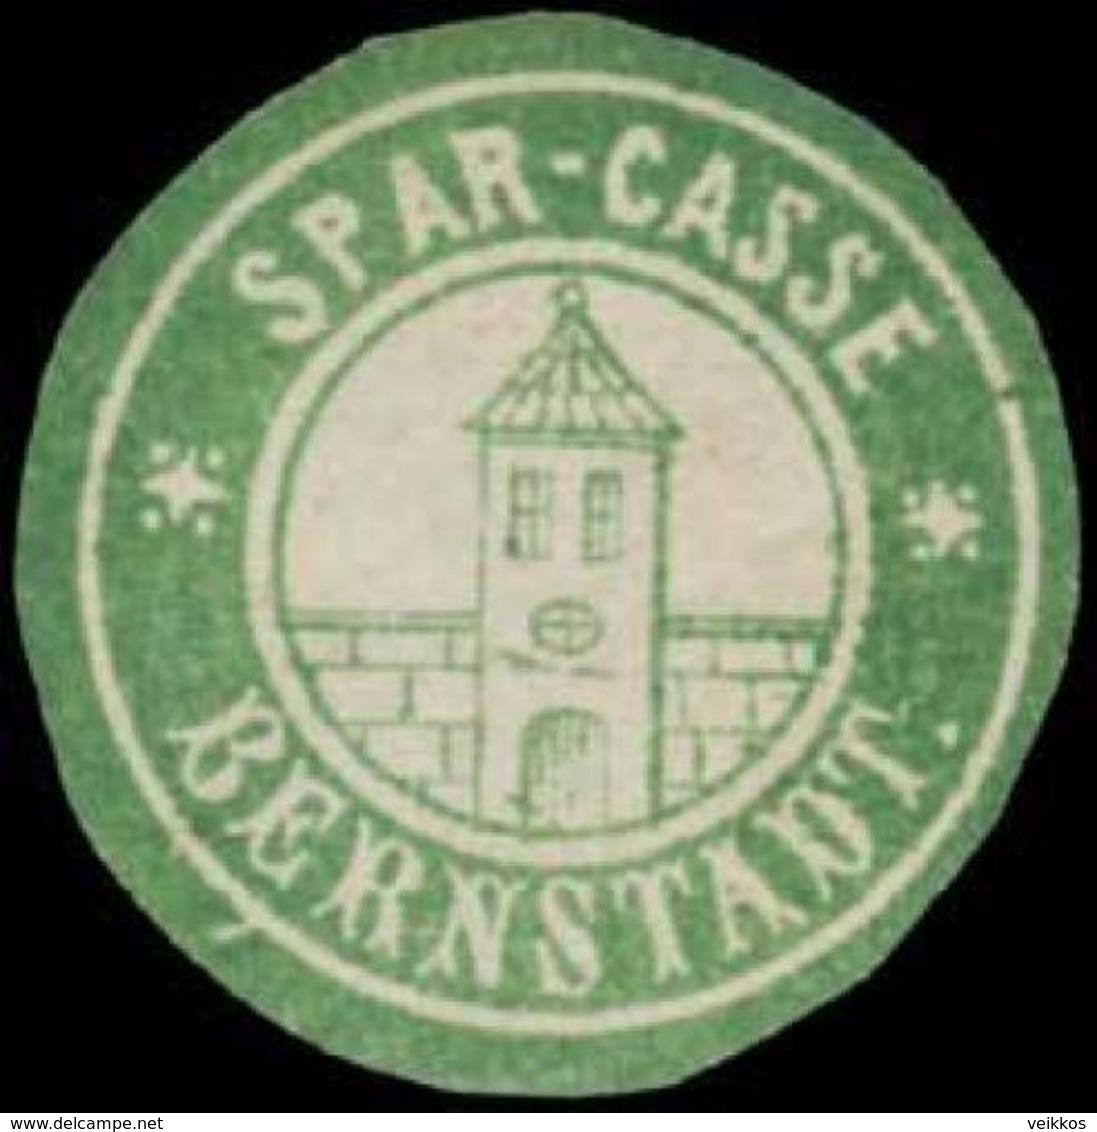 Bernstadt: Spar-Casse Bernstadt Siegelmarke - Cinderellas